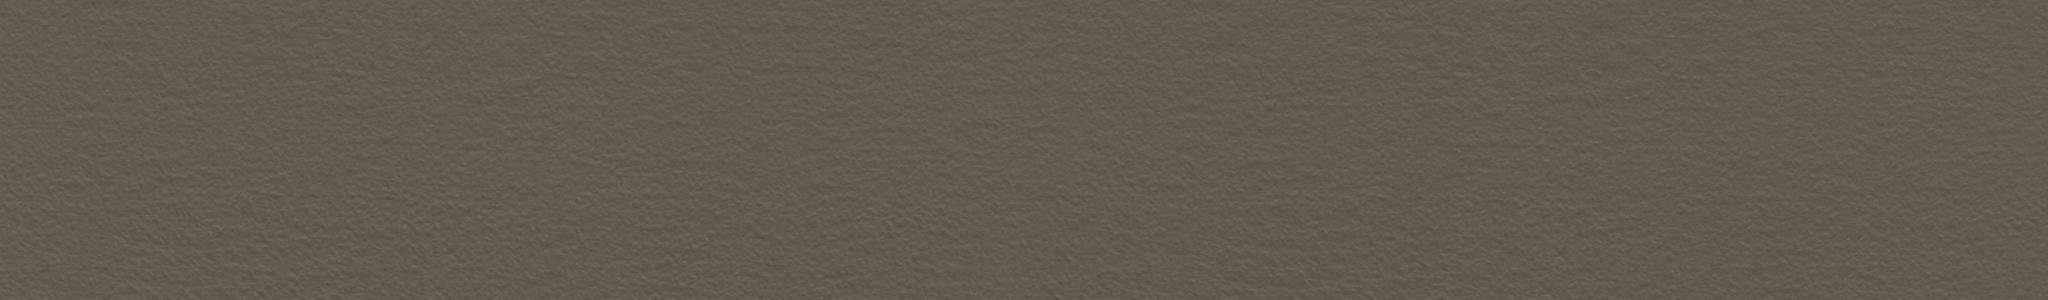 HU 18116 ABS hrana hnědá perla jemná 107